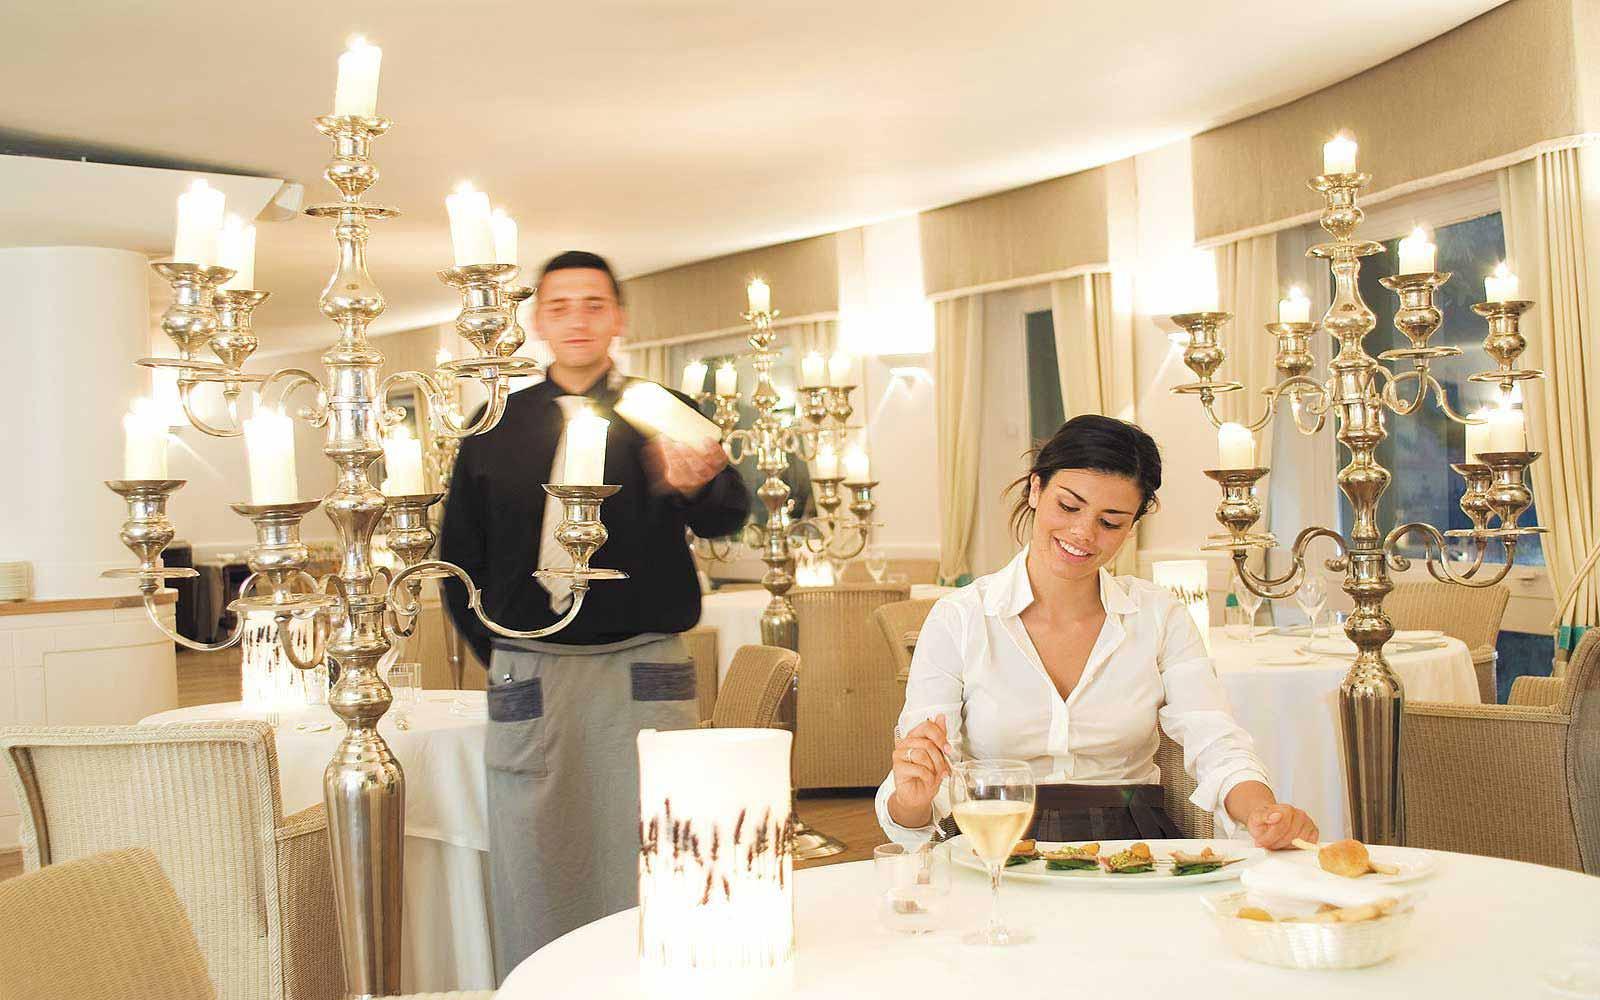 Chandelier Restaurant indoors at Mezzatorre Resort & Spa